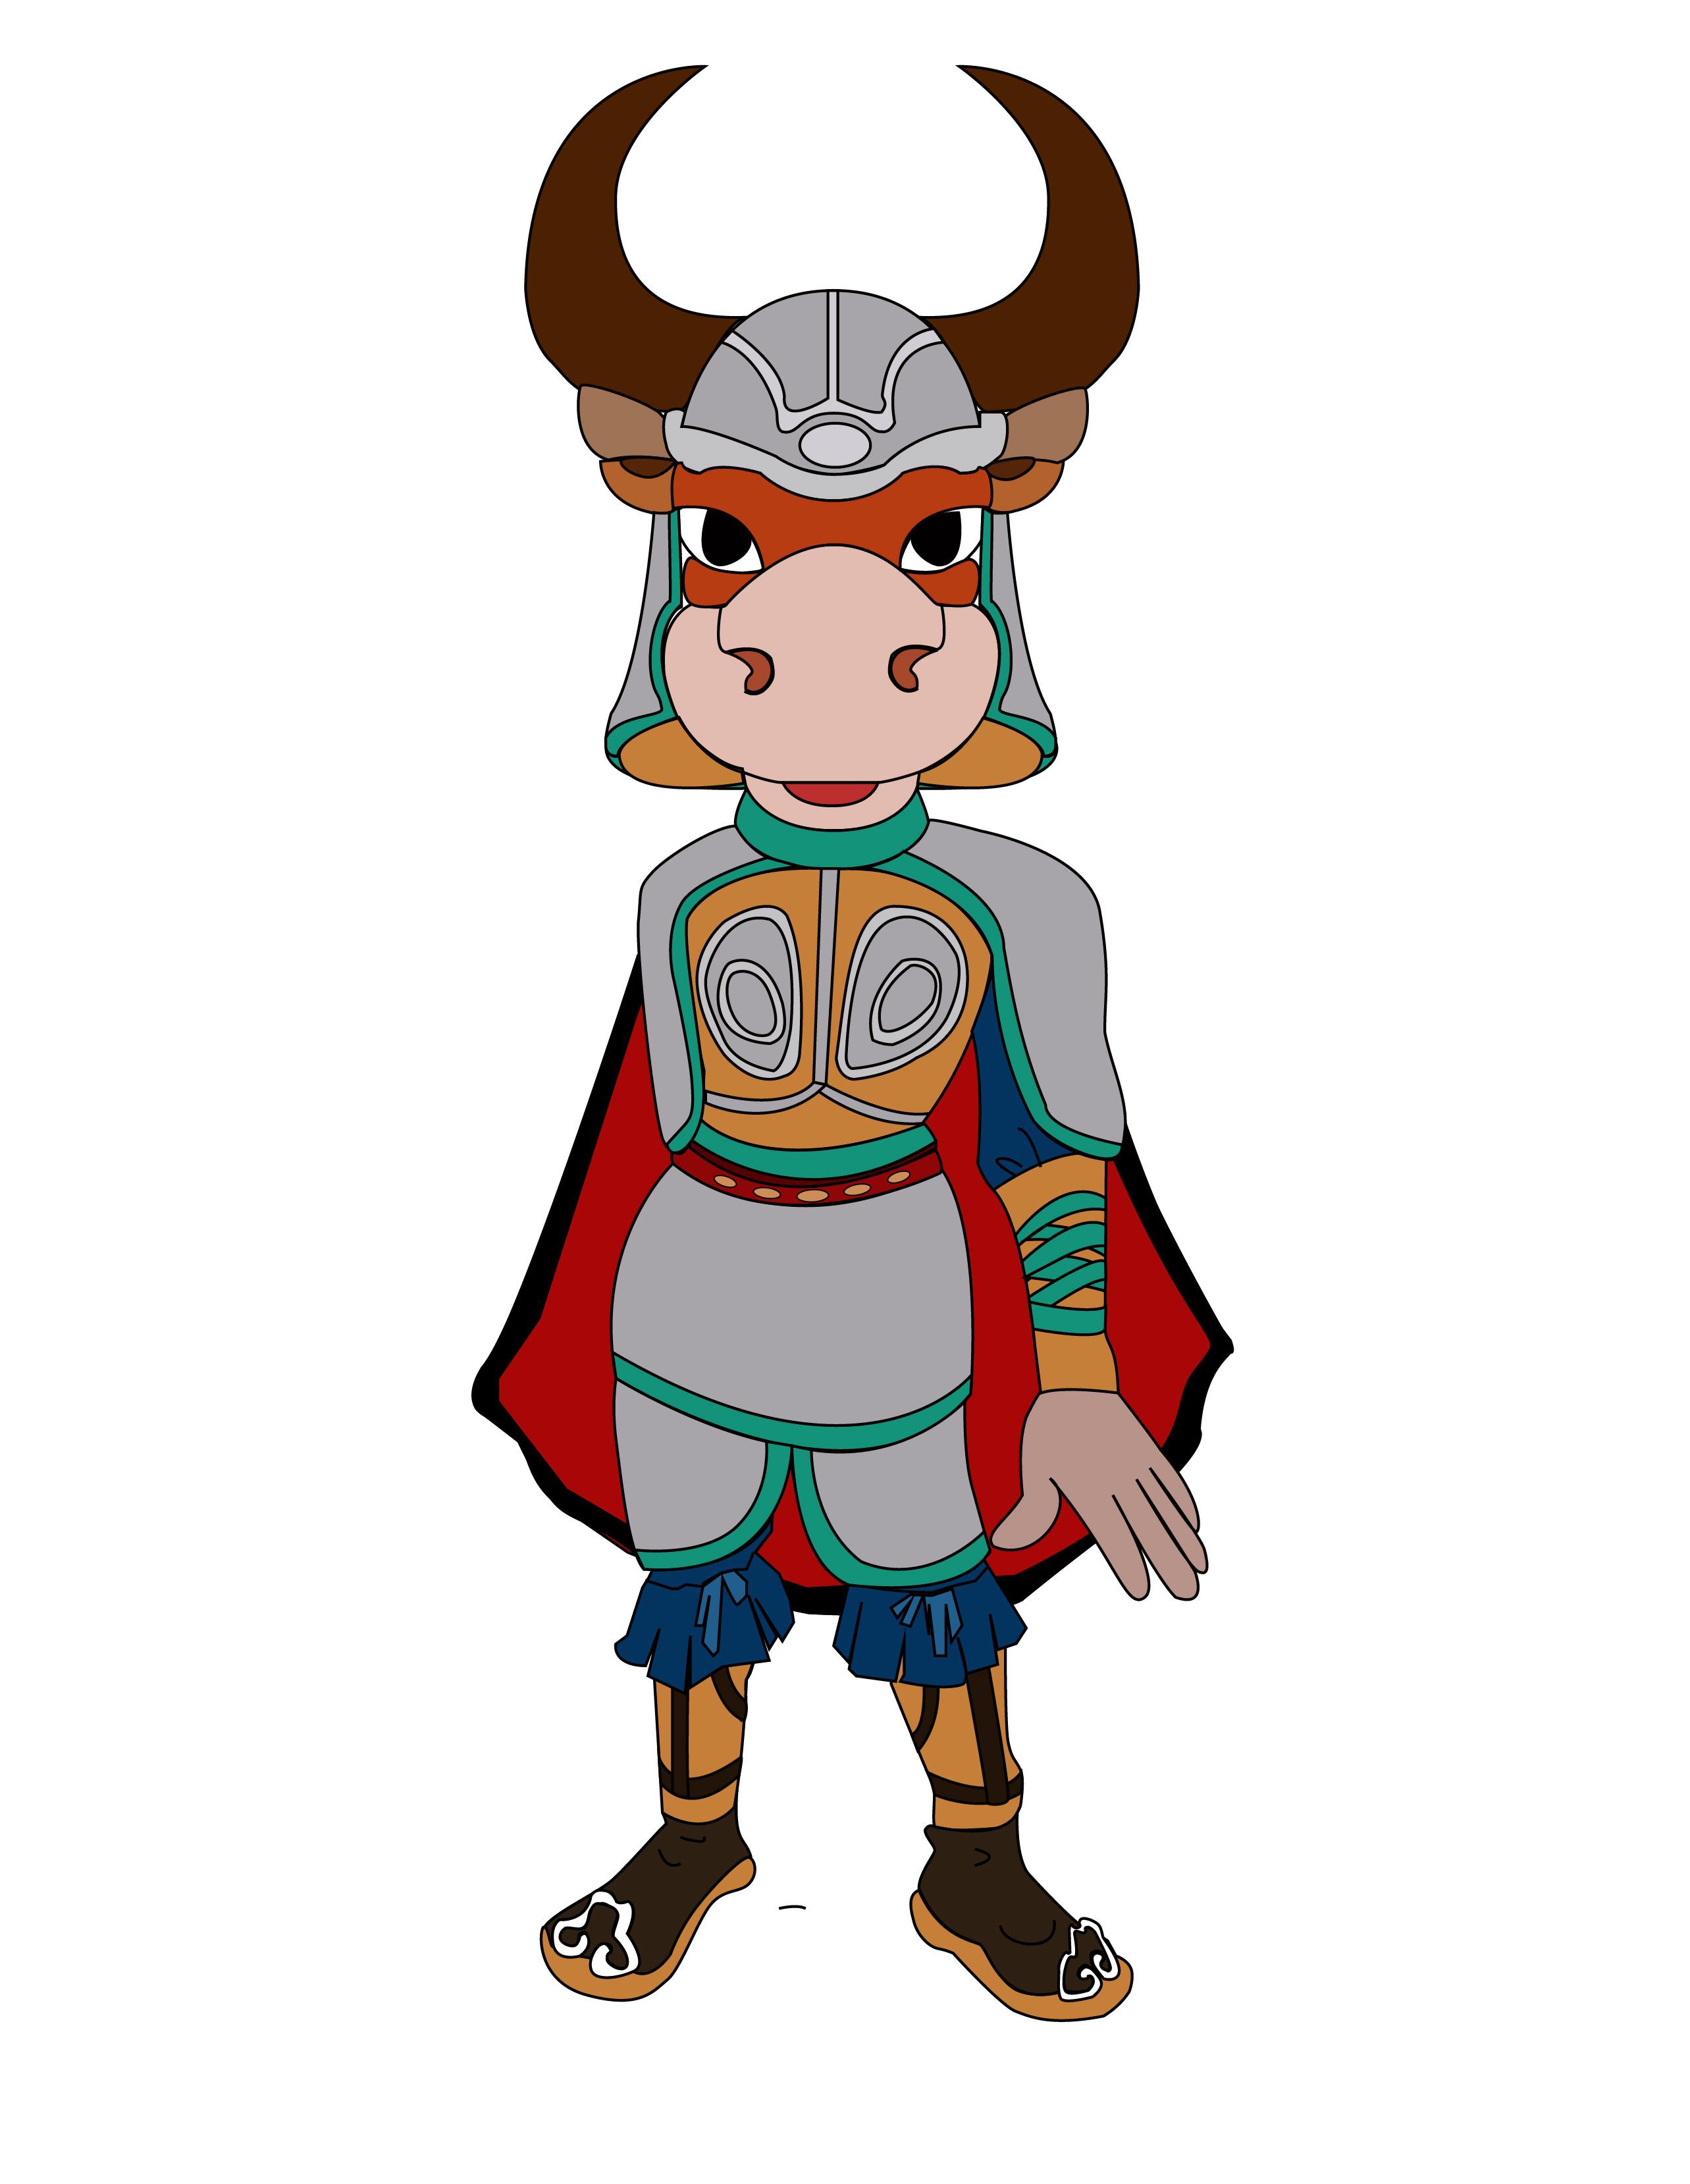 十二生肖之牛羊马图片